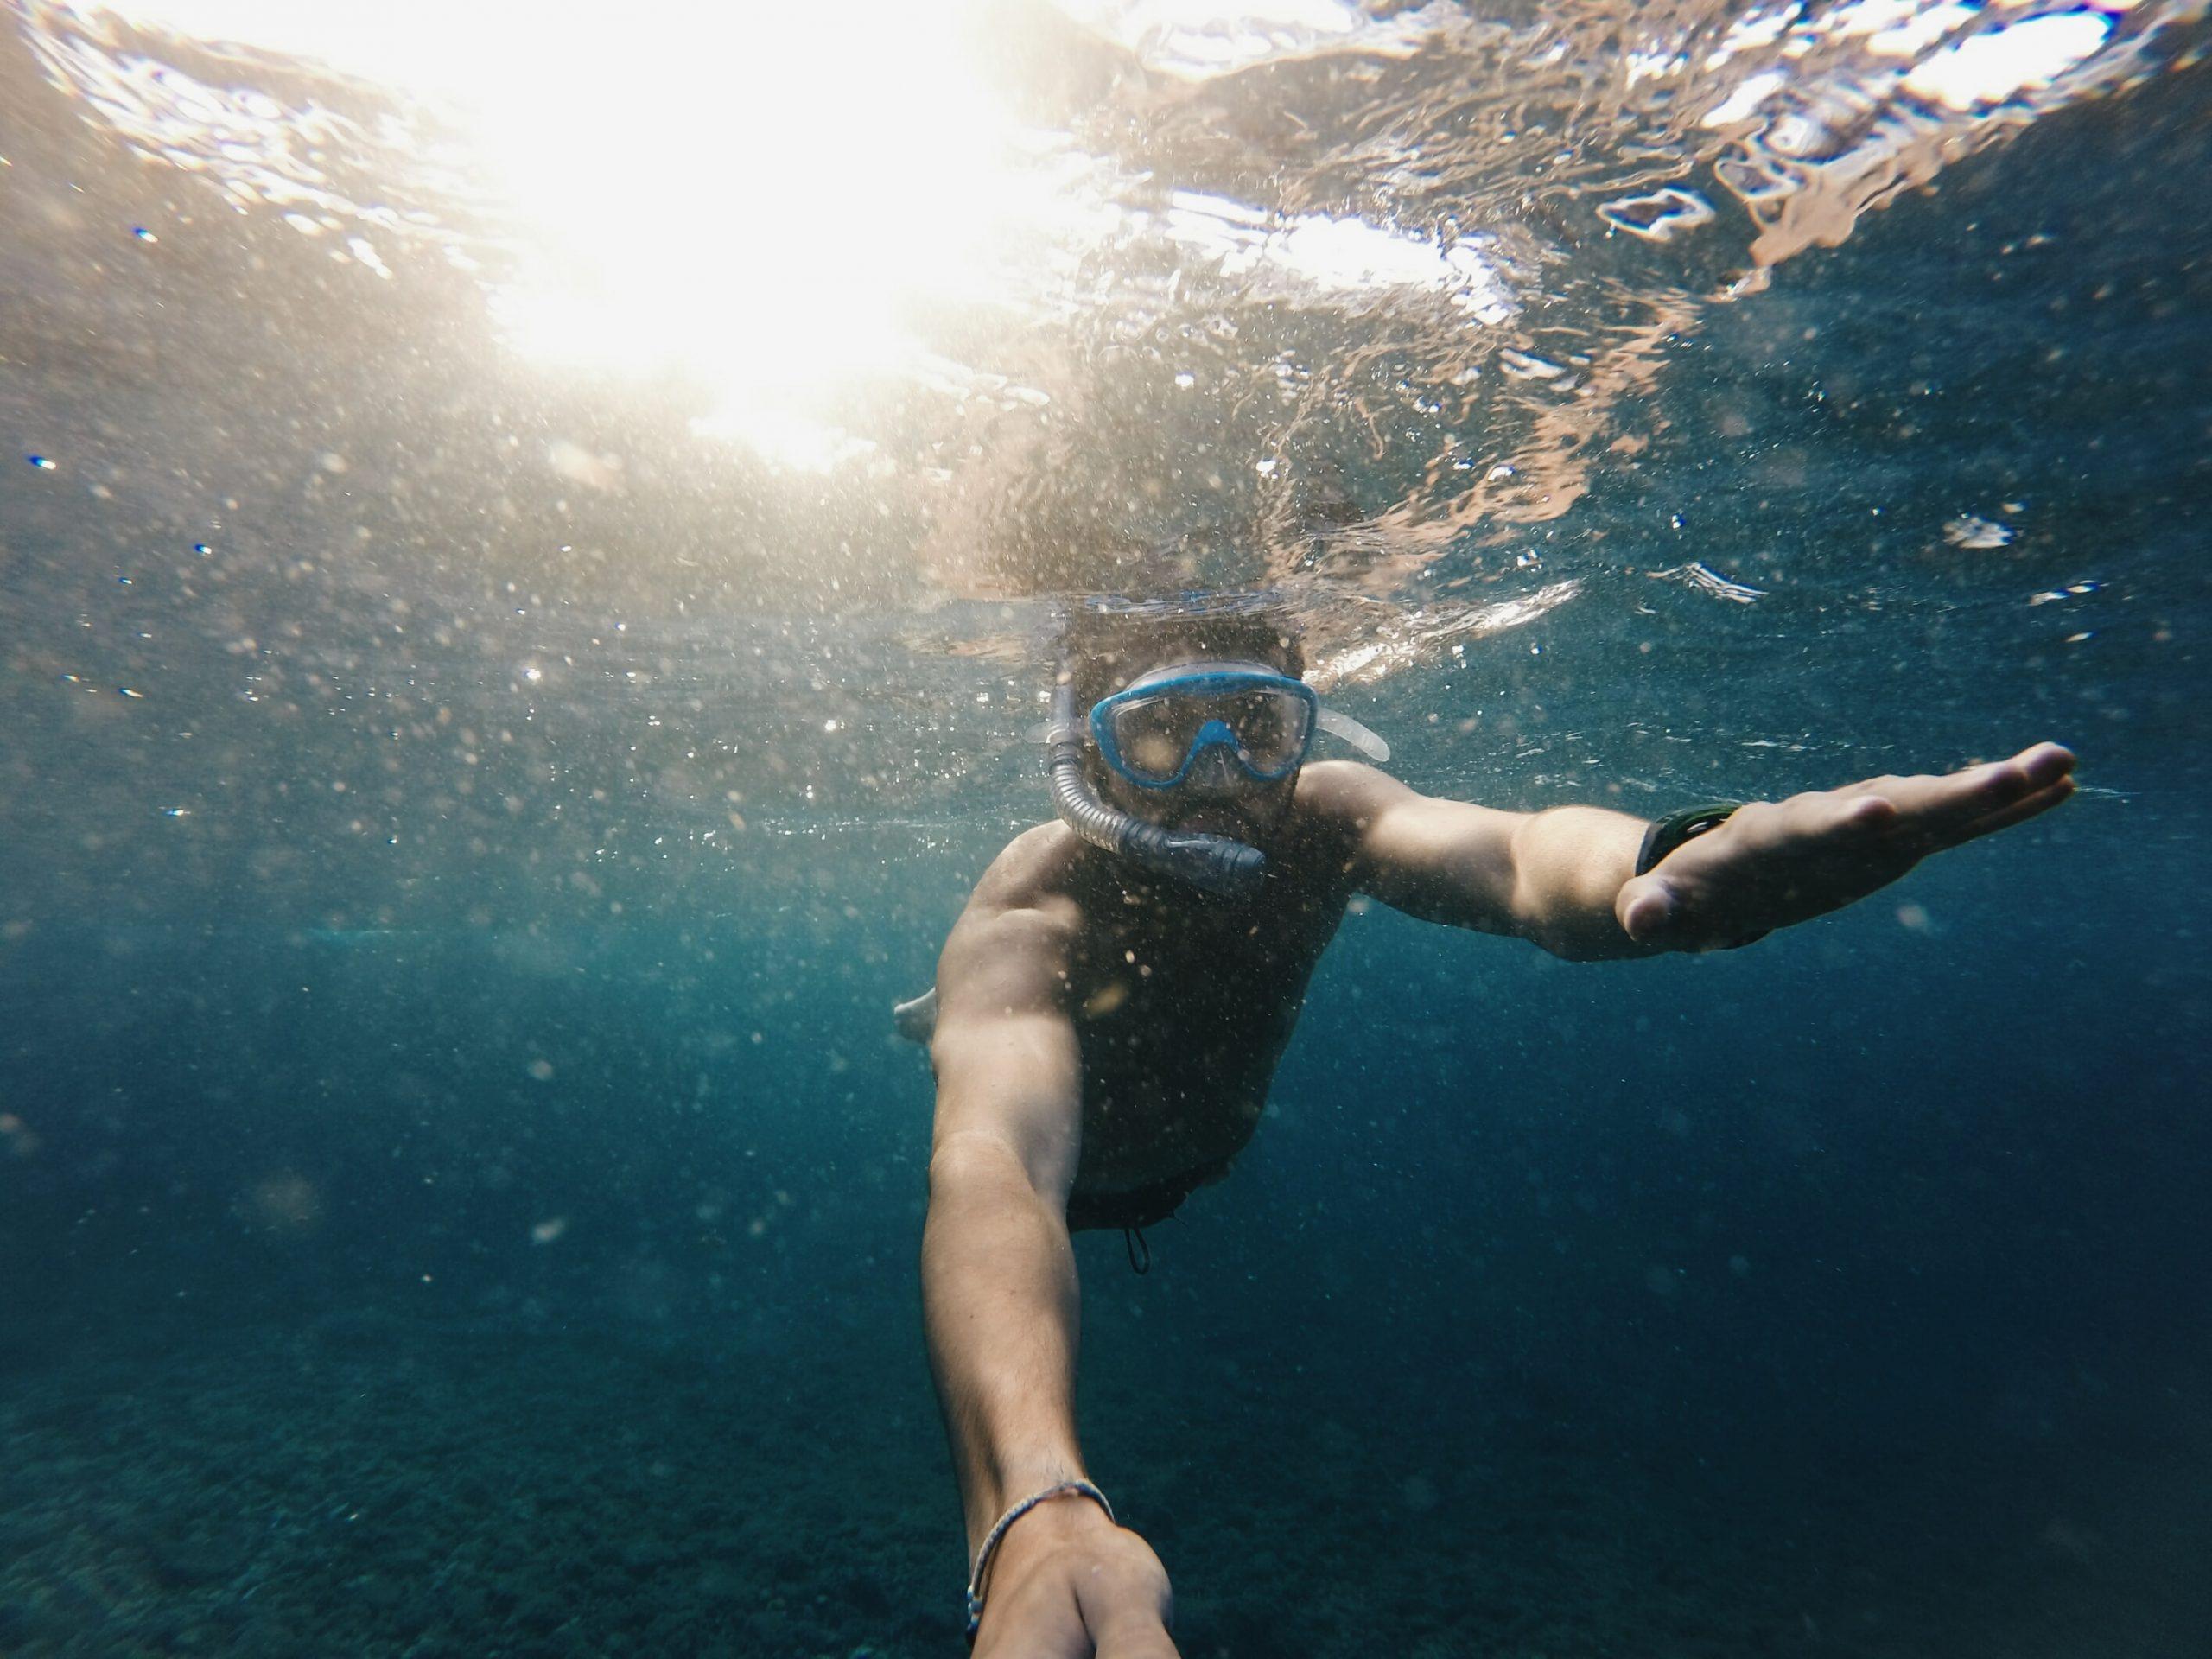 Persona buceando con mascara de snorkel